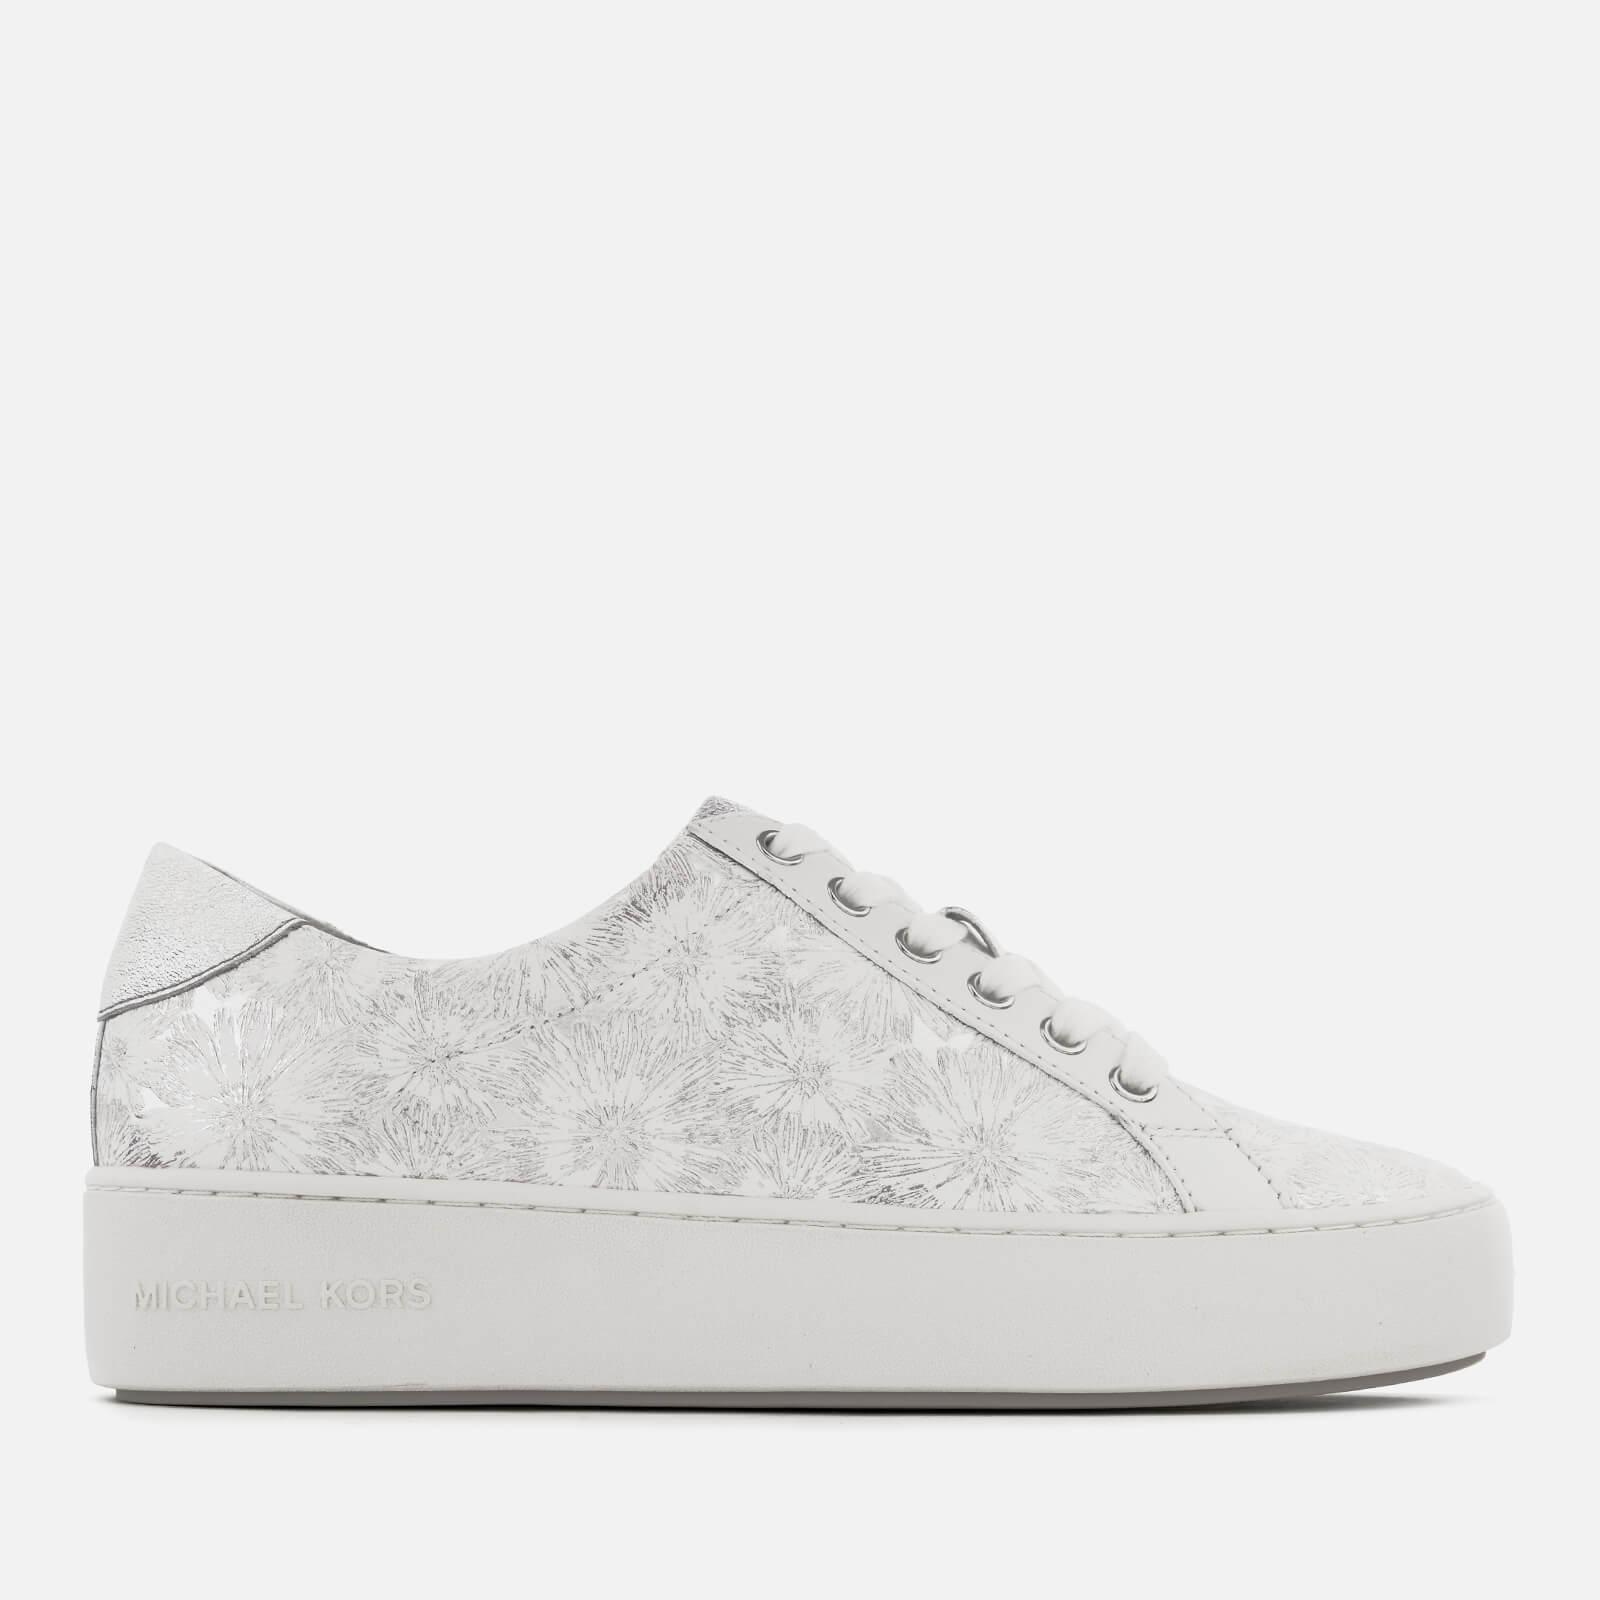 8819ec28ecec MICHAEL MICHAEL KORS Women s Poppy Metallic Flower Leather Low Top Trainers  - Optic Silver Womens Footwear